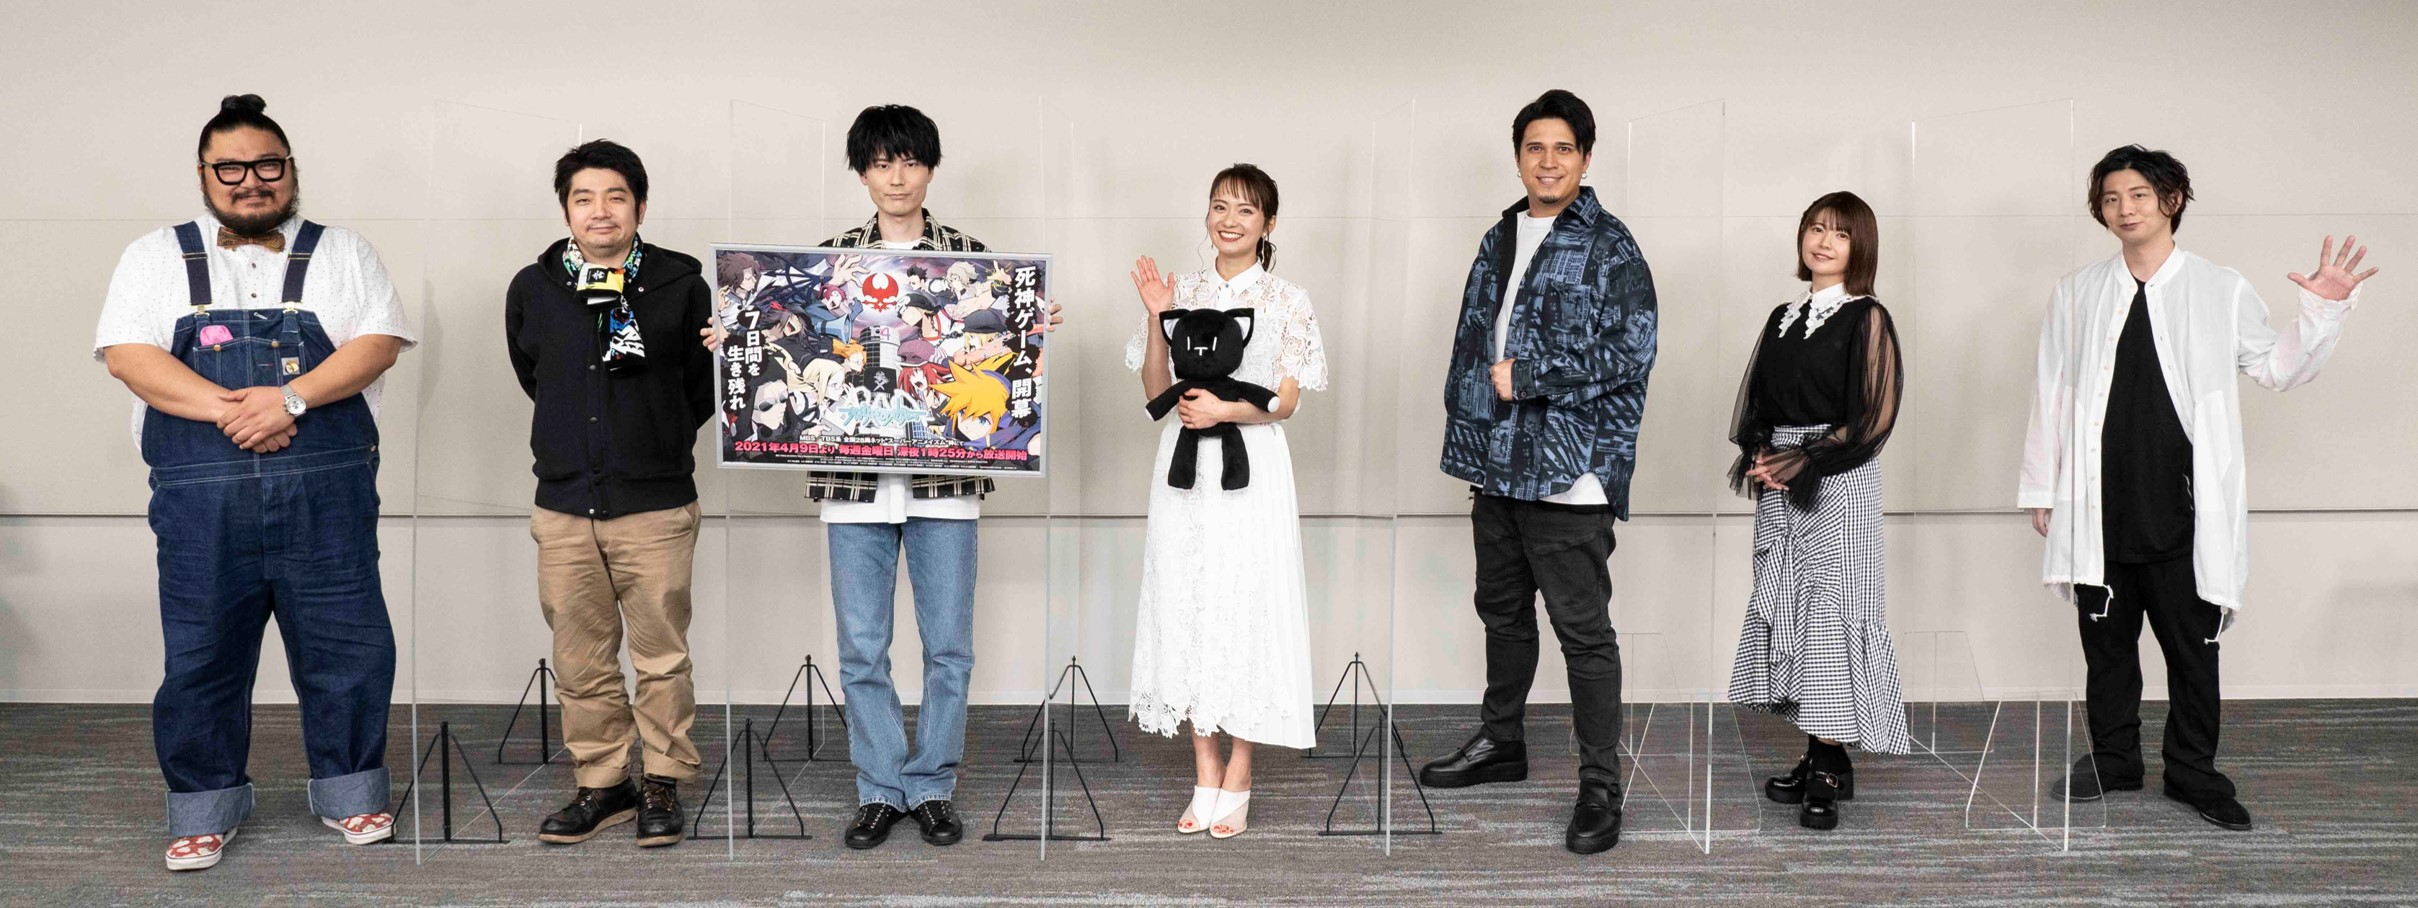 「すばらしきこのせかい The Animation」内山昂輝さんらキャスト5名が14年来の役柄への想いを語る。ワールドプレミア配信レポート到着